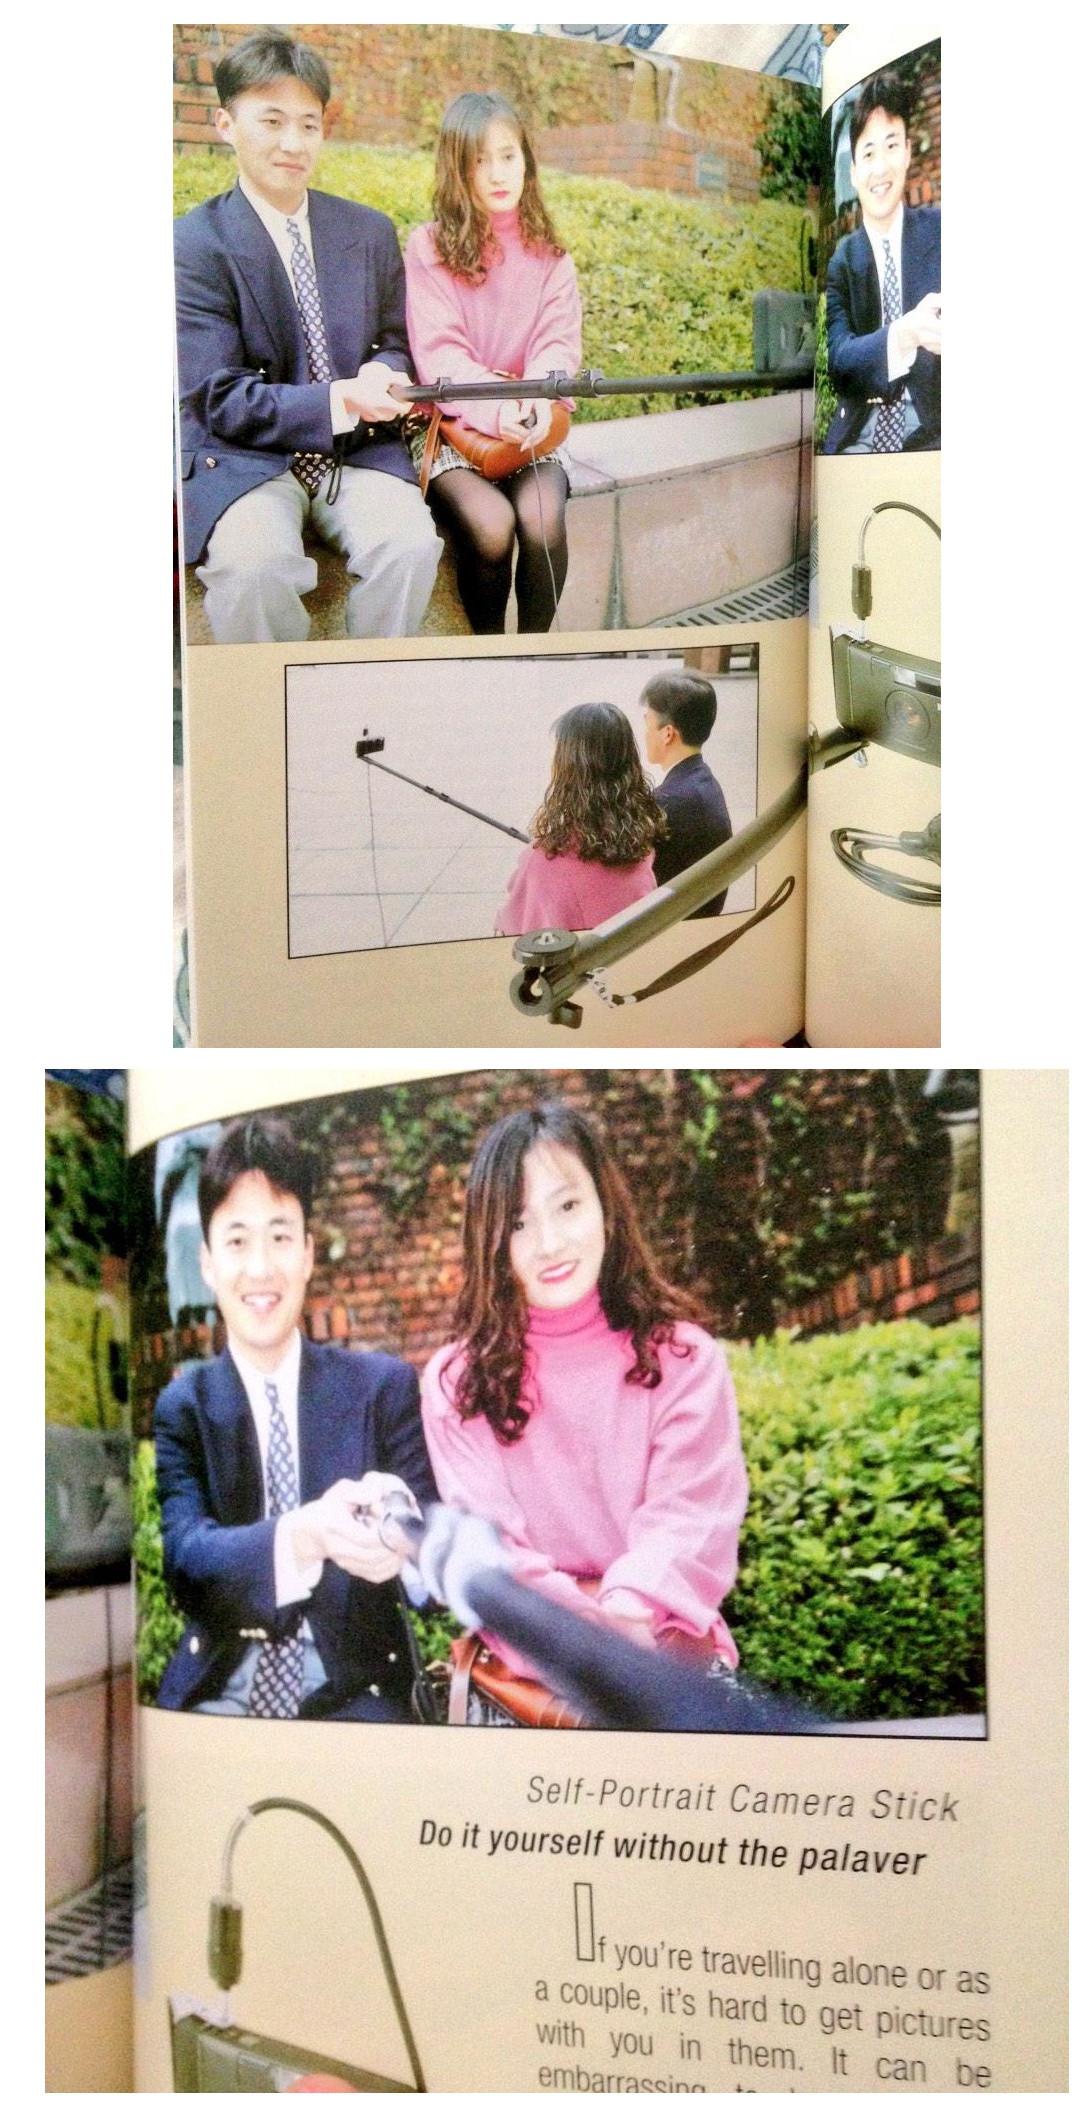 1995년 일본에서 쓸모없는 발명품으로 선정된 물건 ㅎㄷㄷ.jpg